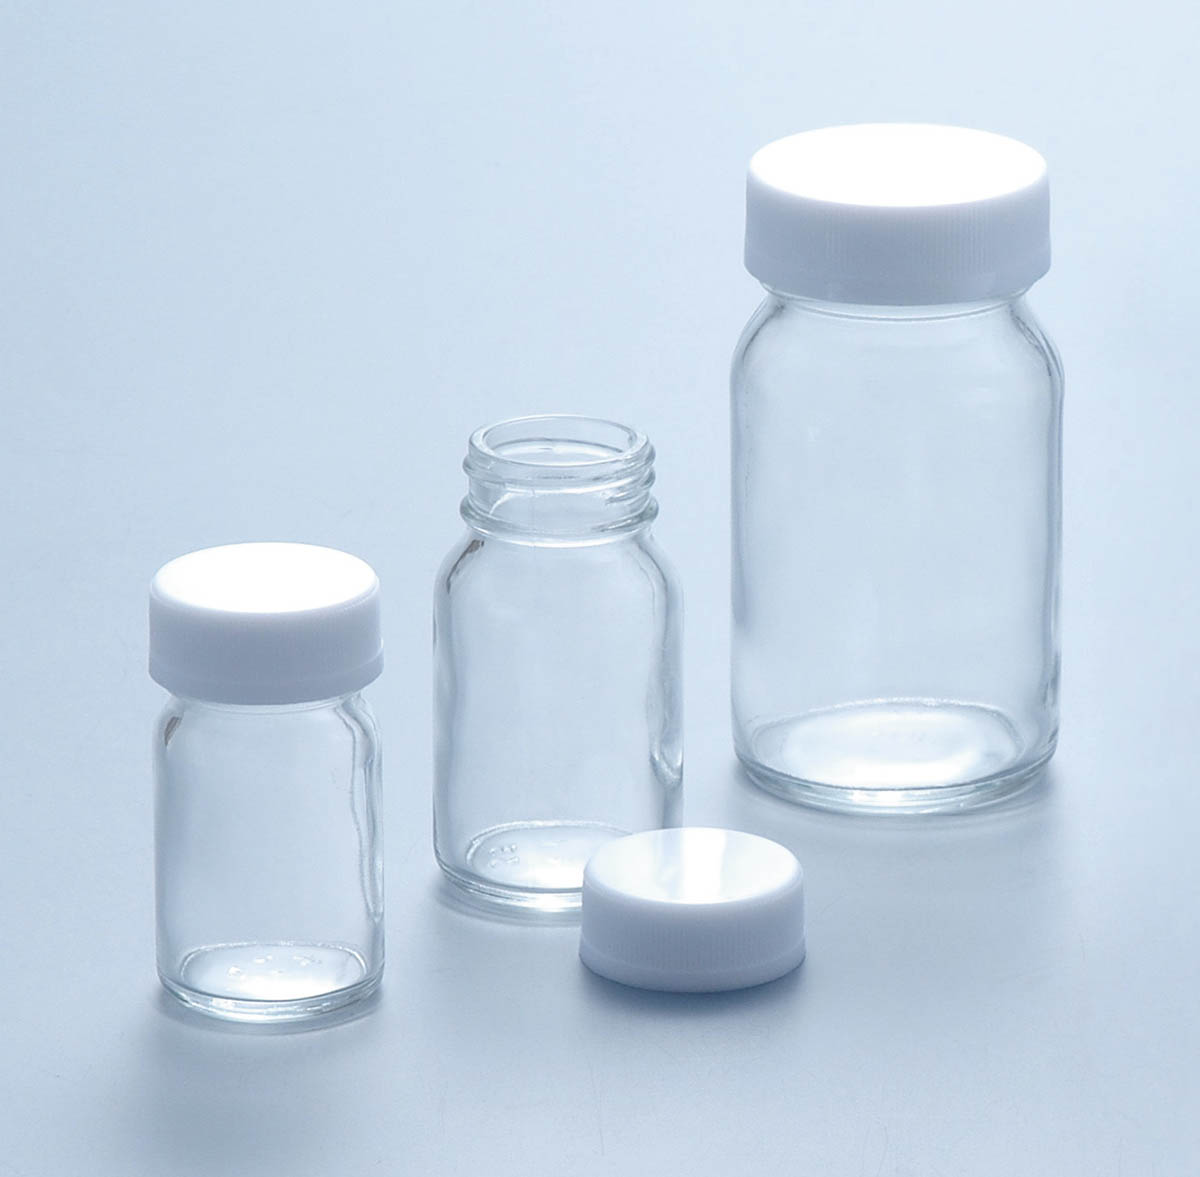 マルエム 軽量規格瓶 No.5 45ml (100本)